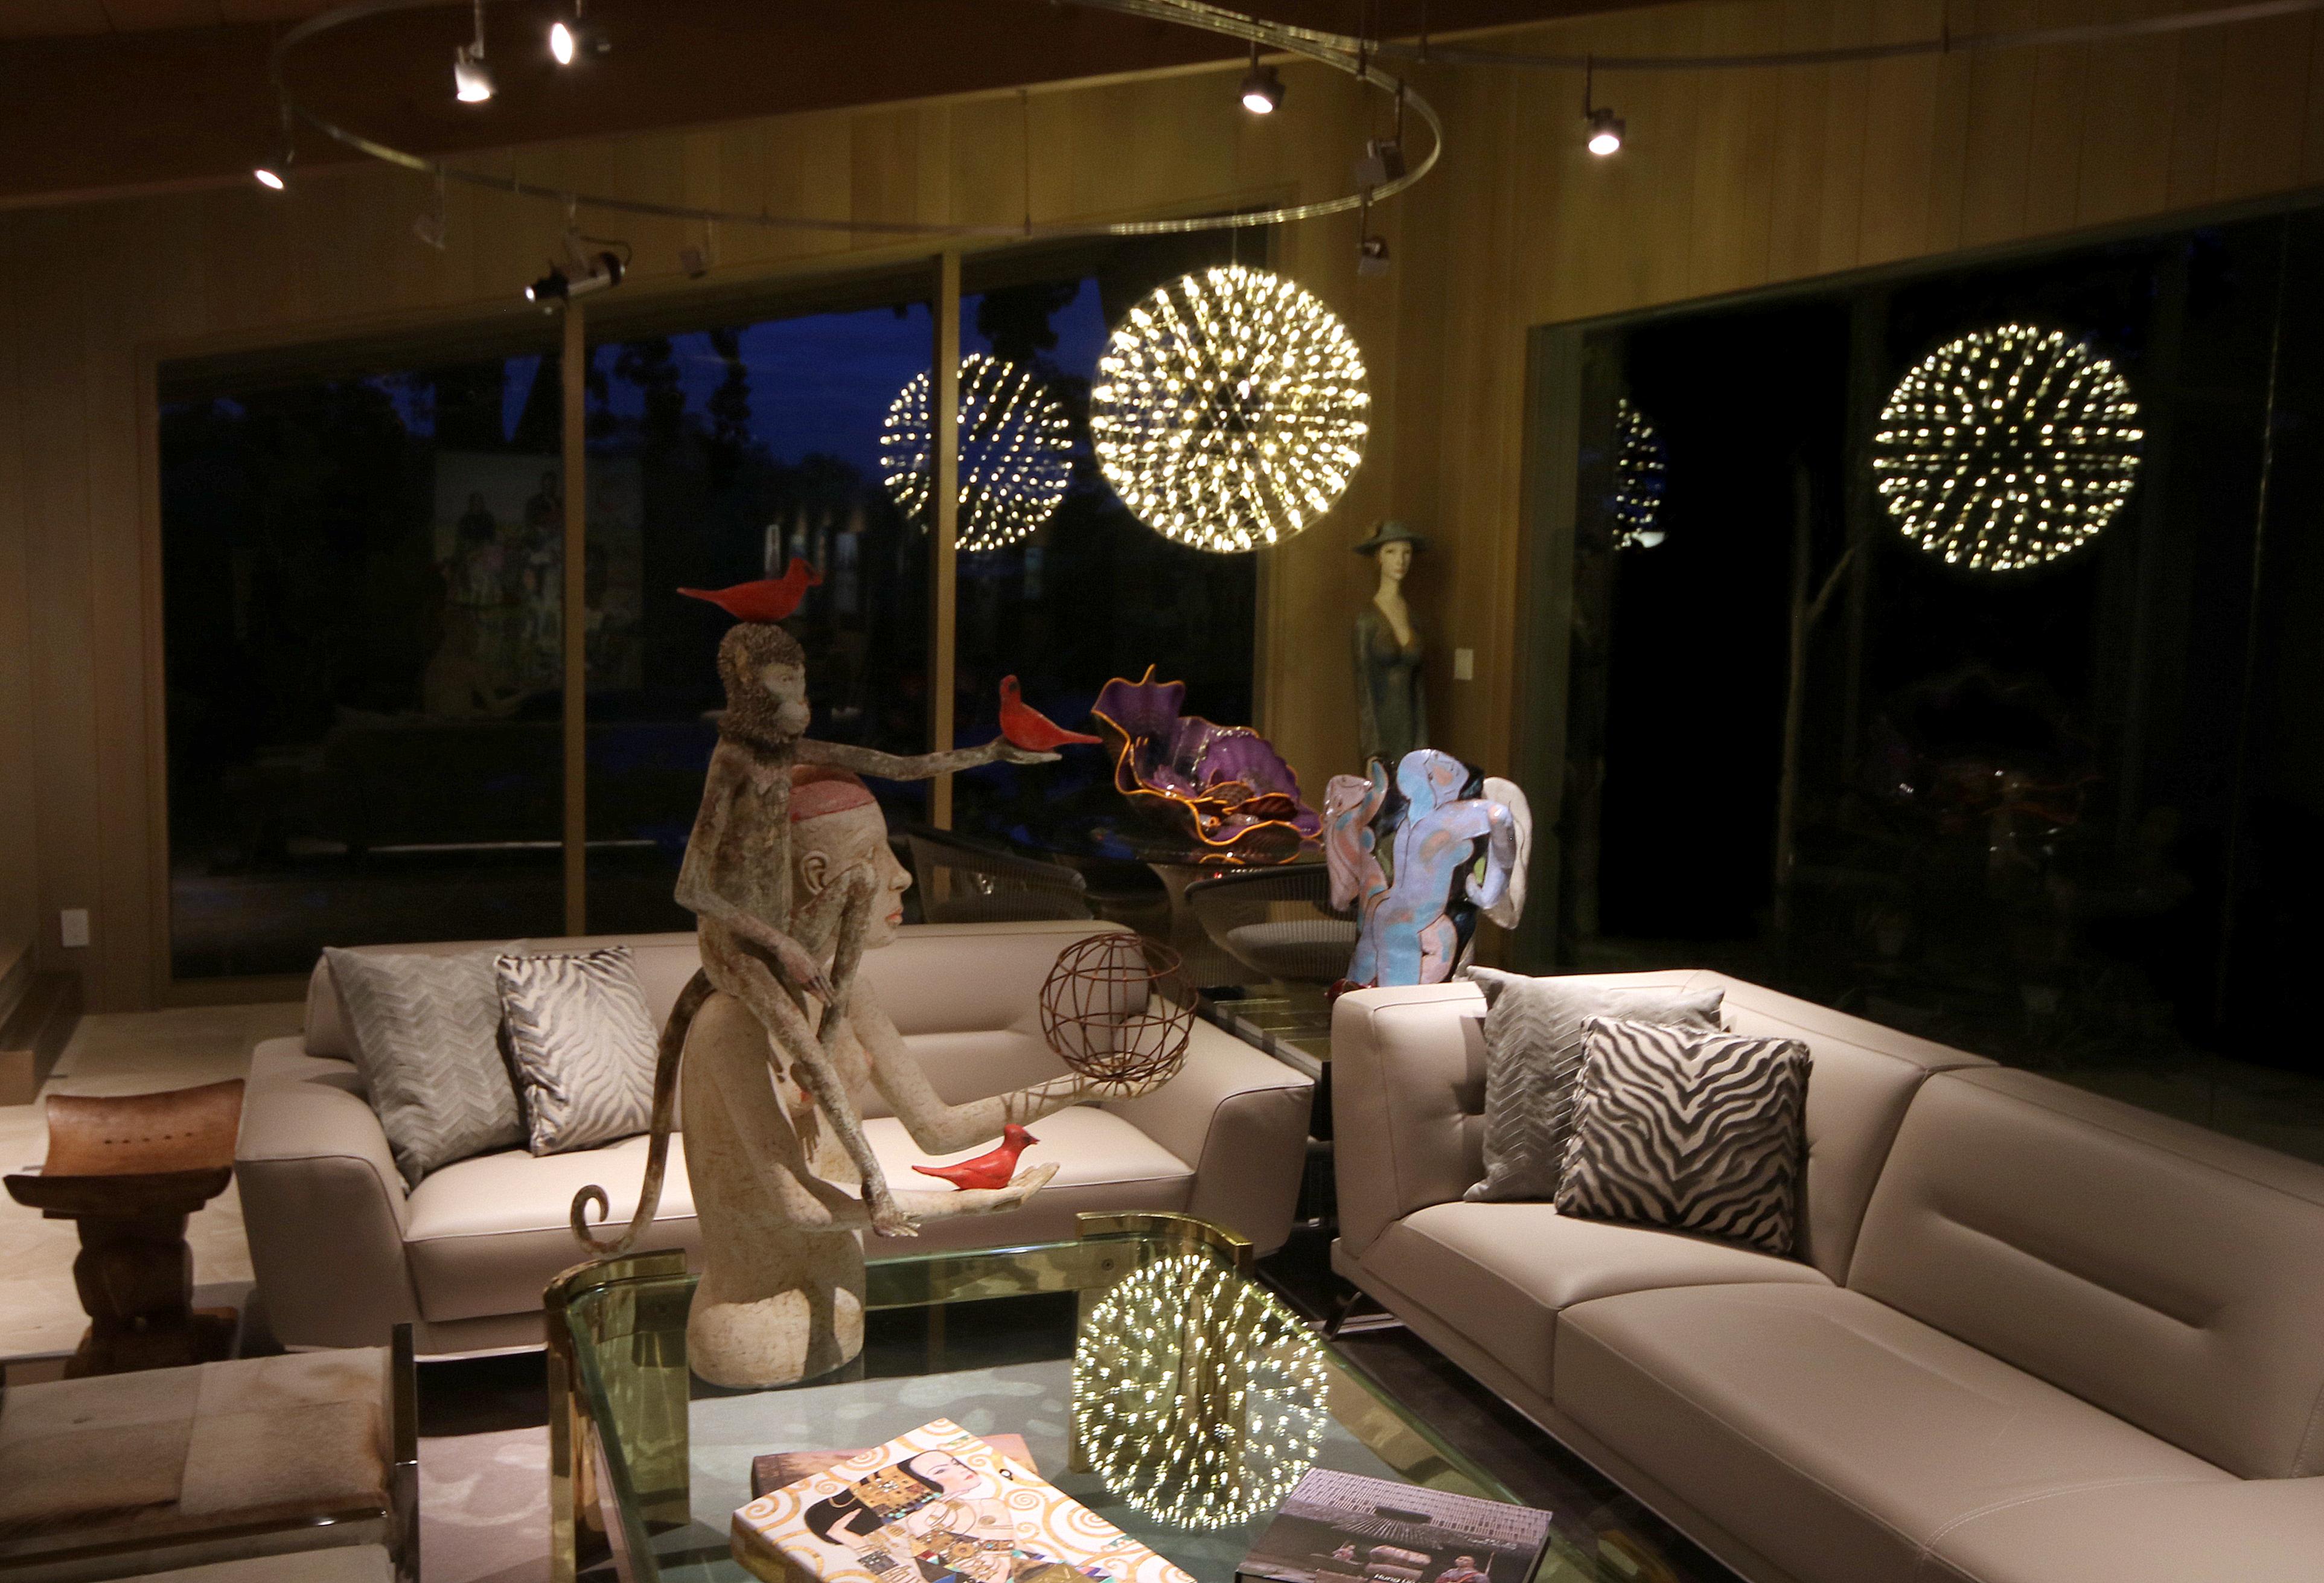 Residential interior lighting sestak lighting design for Interior lighting design